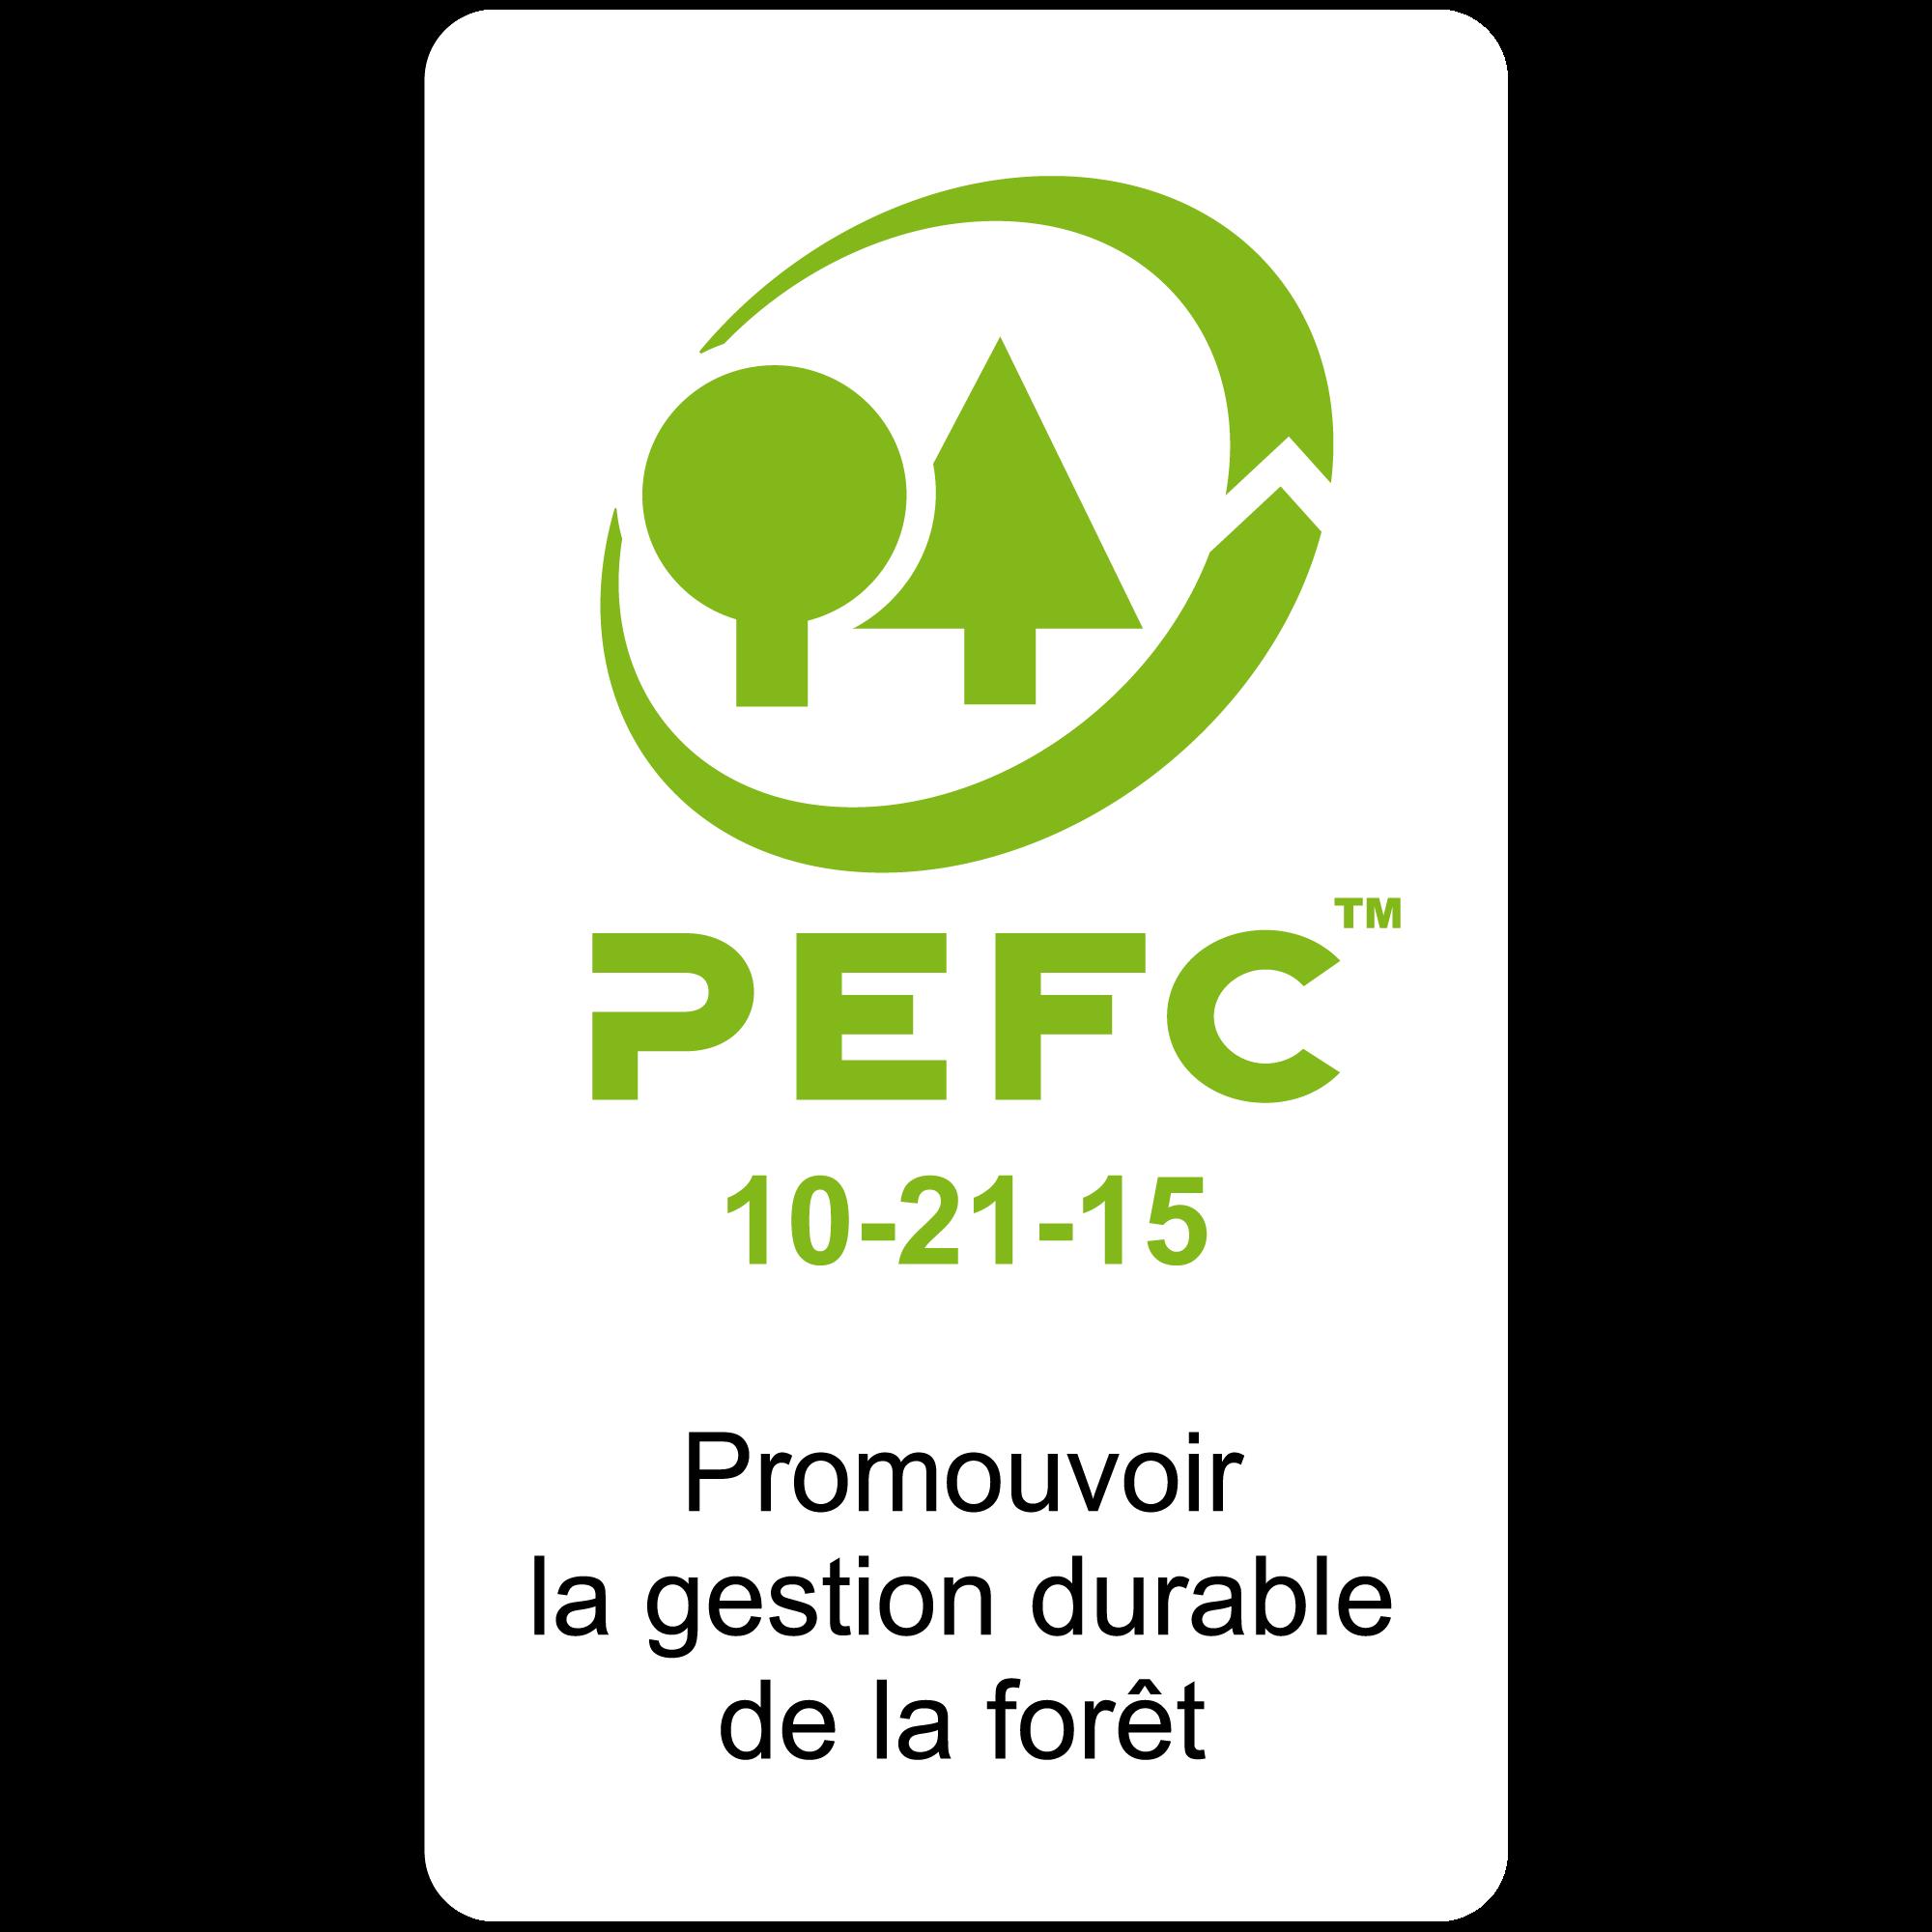 PEFC Occitanie